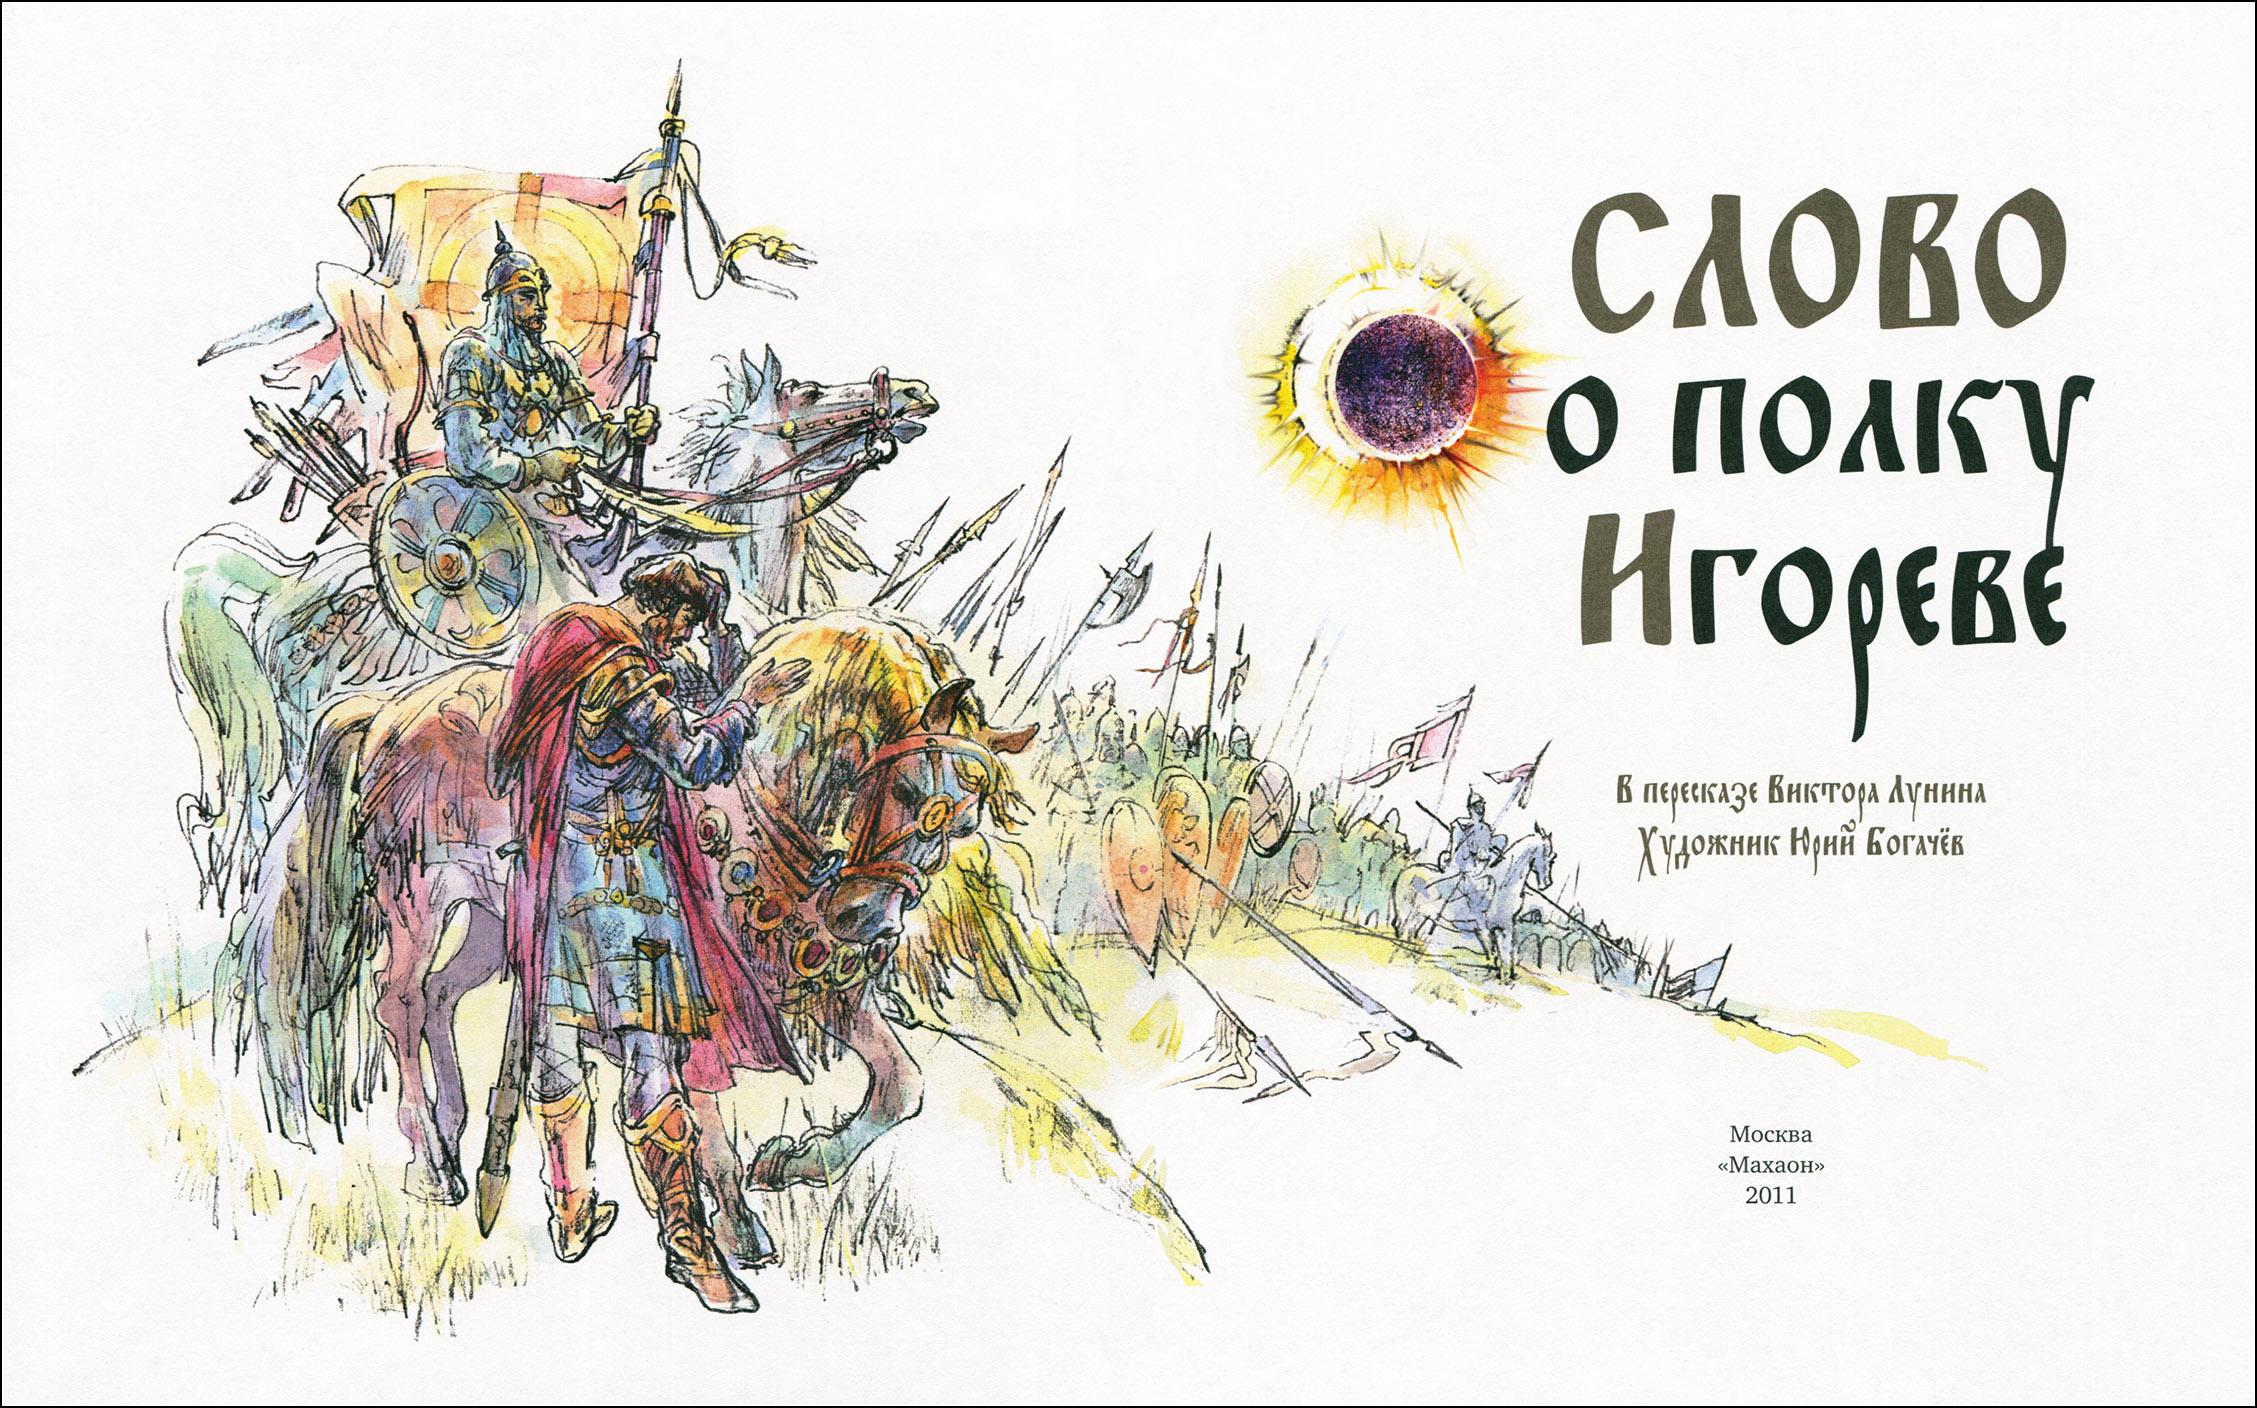 Юрий Богачёв, Слово о полку Игореве